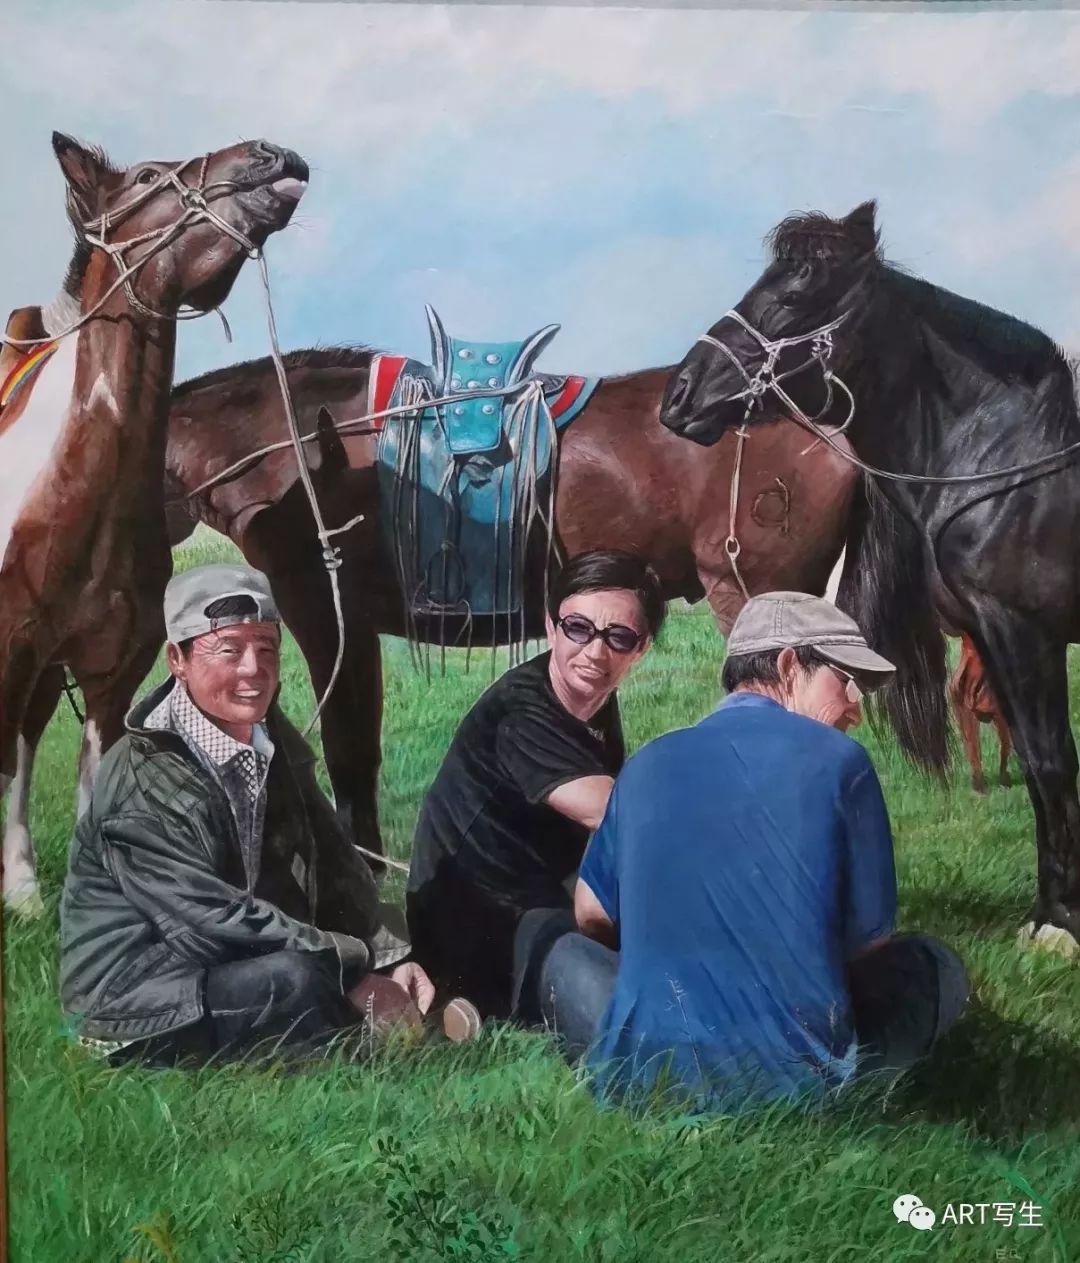 第十三届内蒙古自治区美术作品展览(油画作品) 第89张